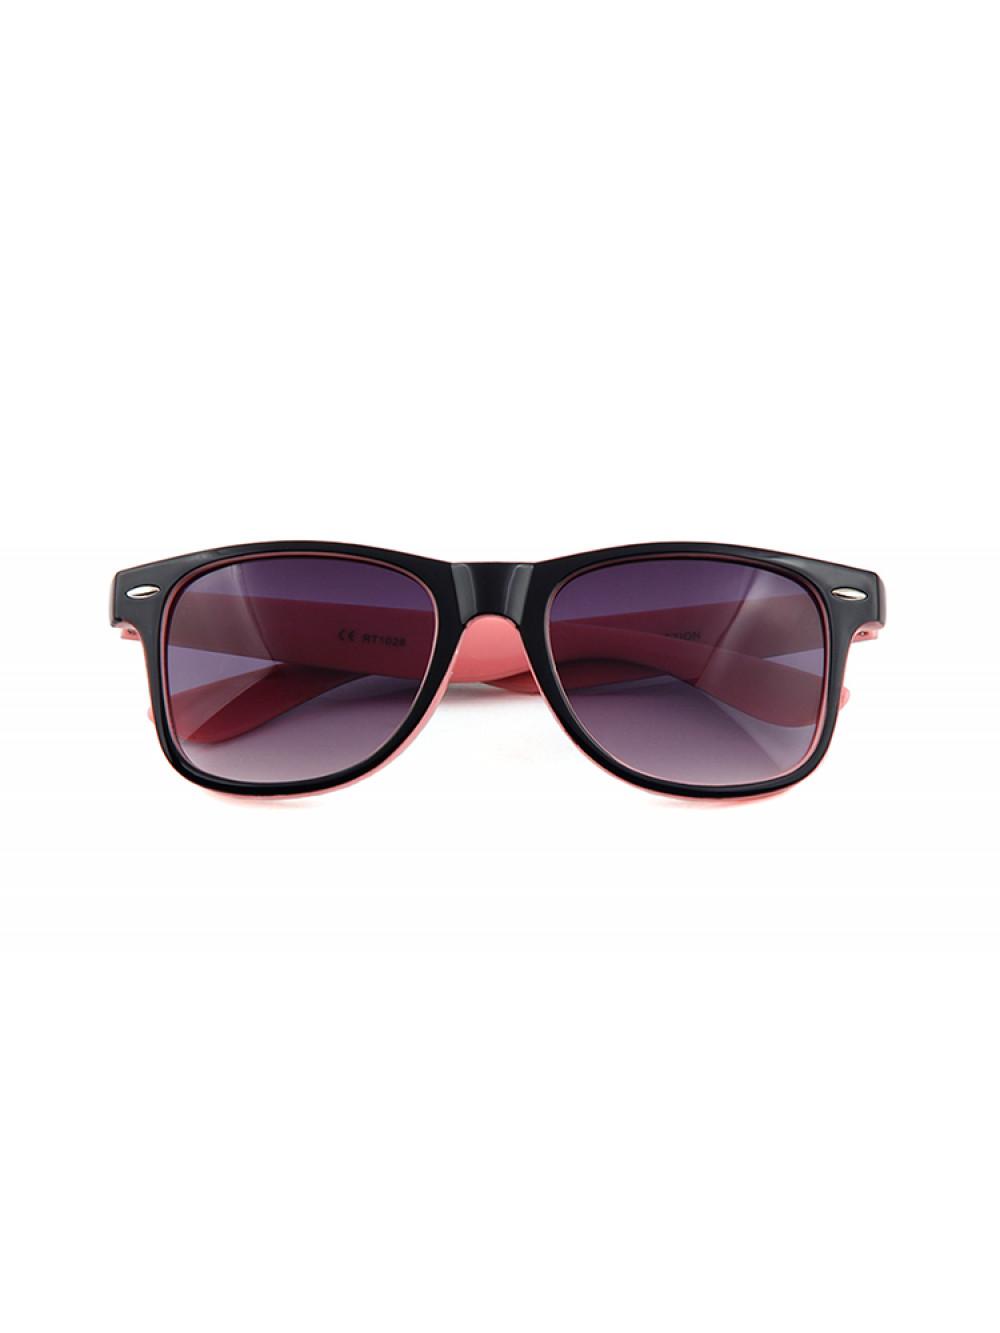 Slnečné okuliare Wayfarer Duo Pink ff869c6f1fc